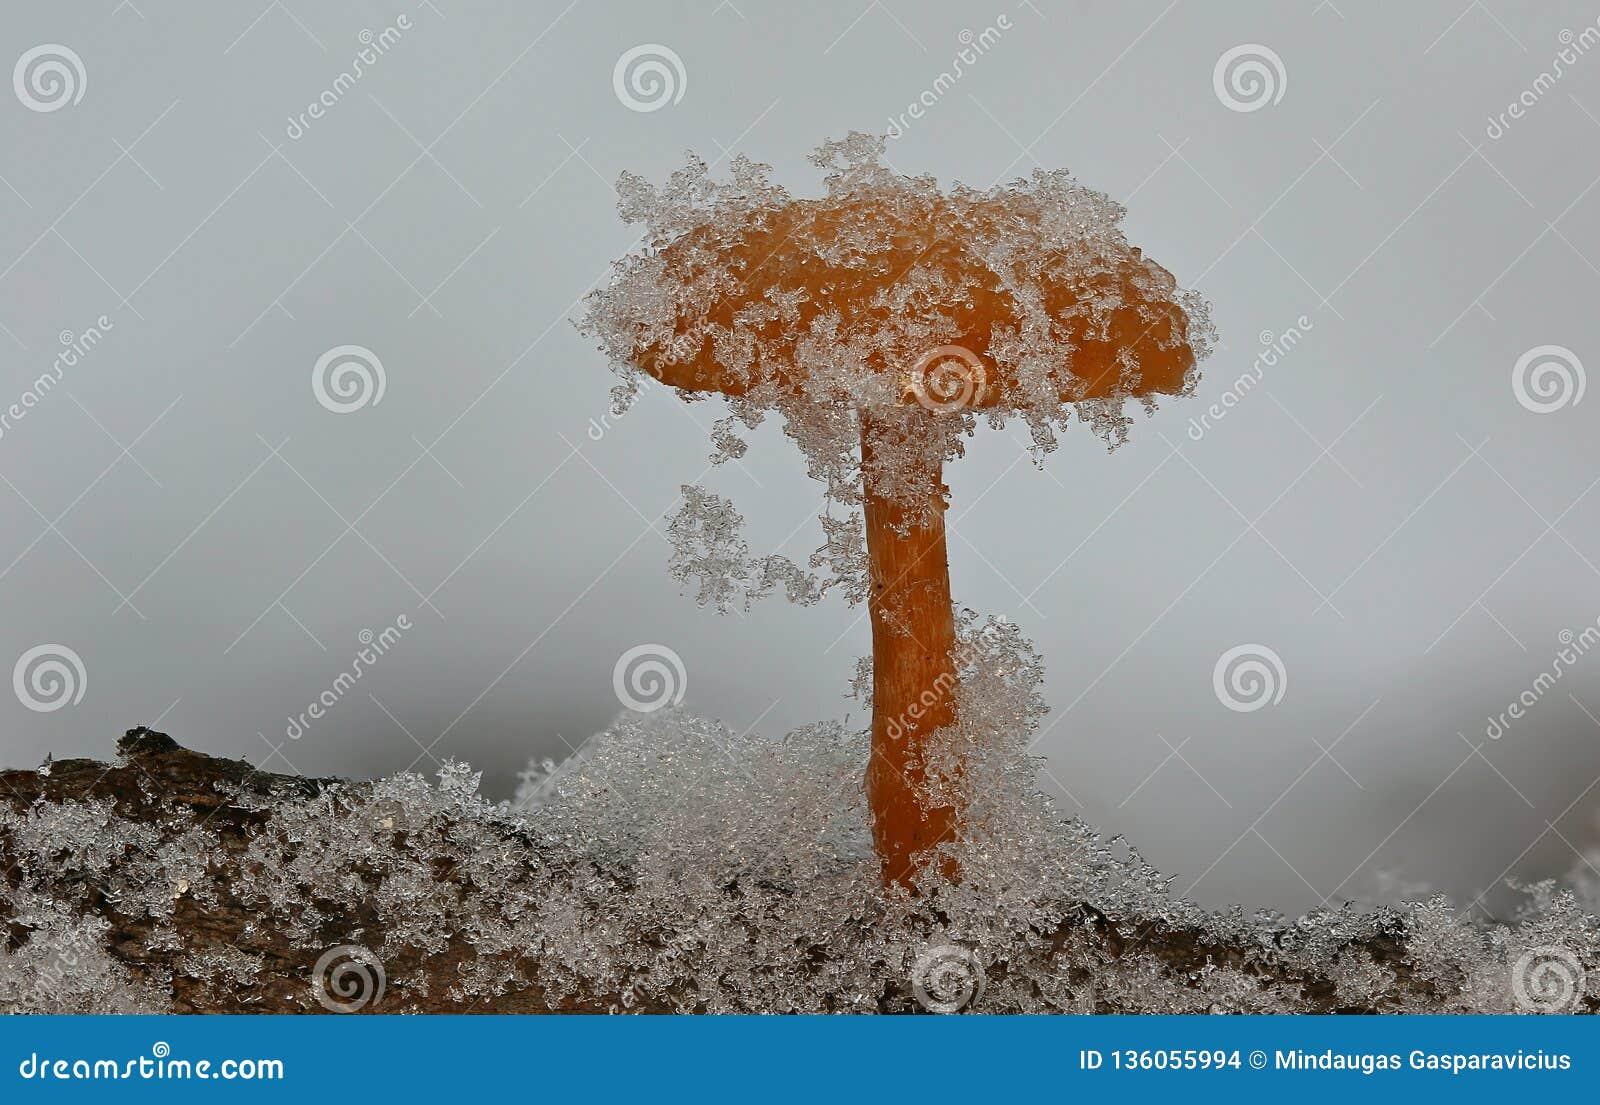 Zim pieczarki pod miękkim śniegiem